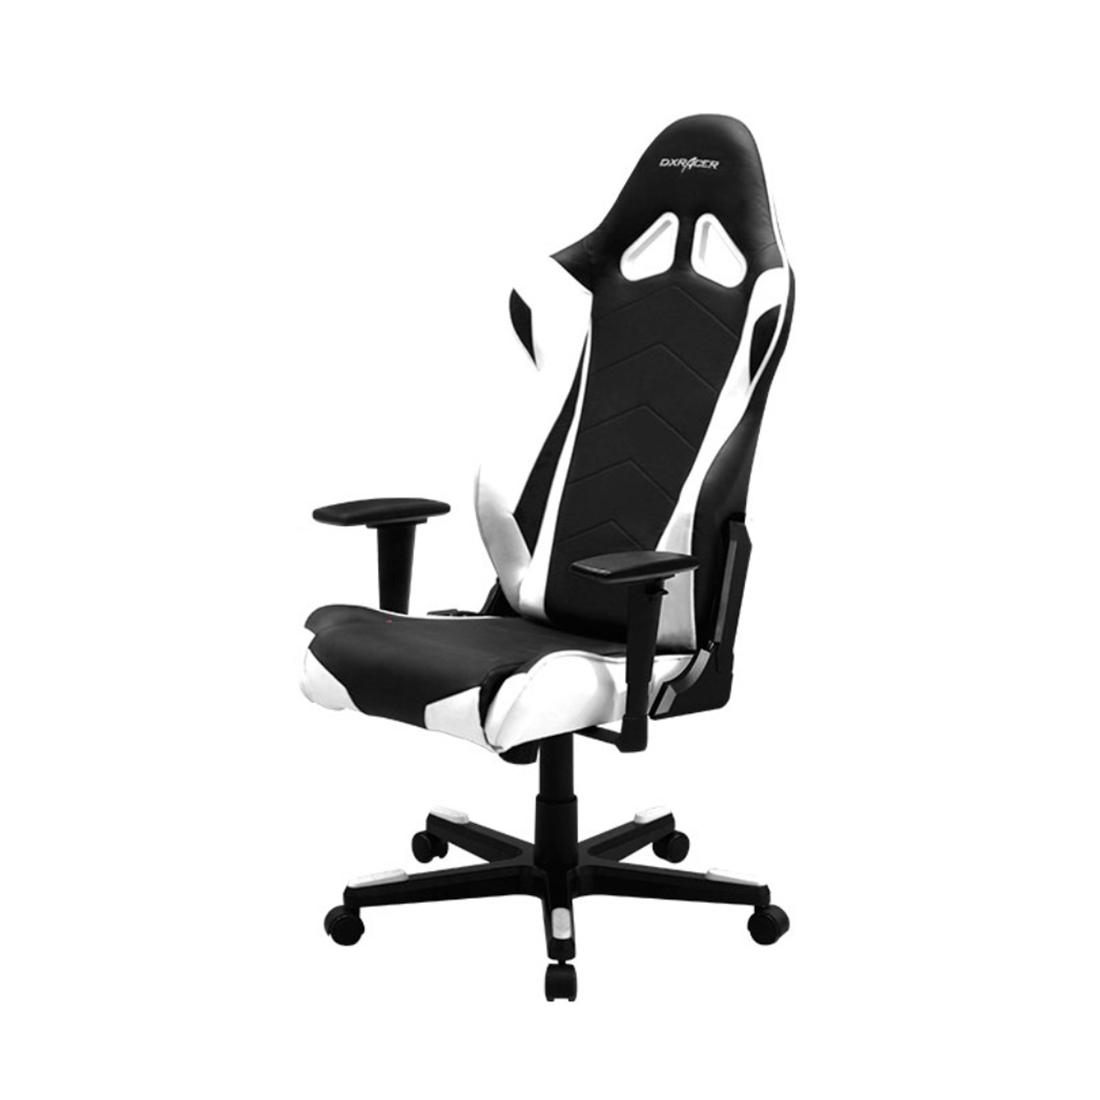 Игровое компьютерное кресло DX Racer OH/RE0/NW